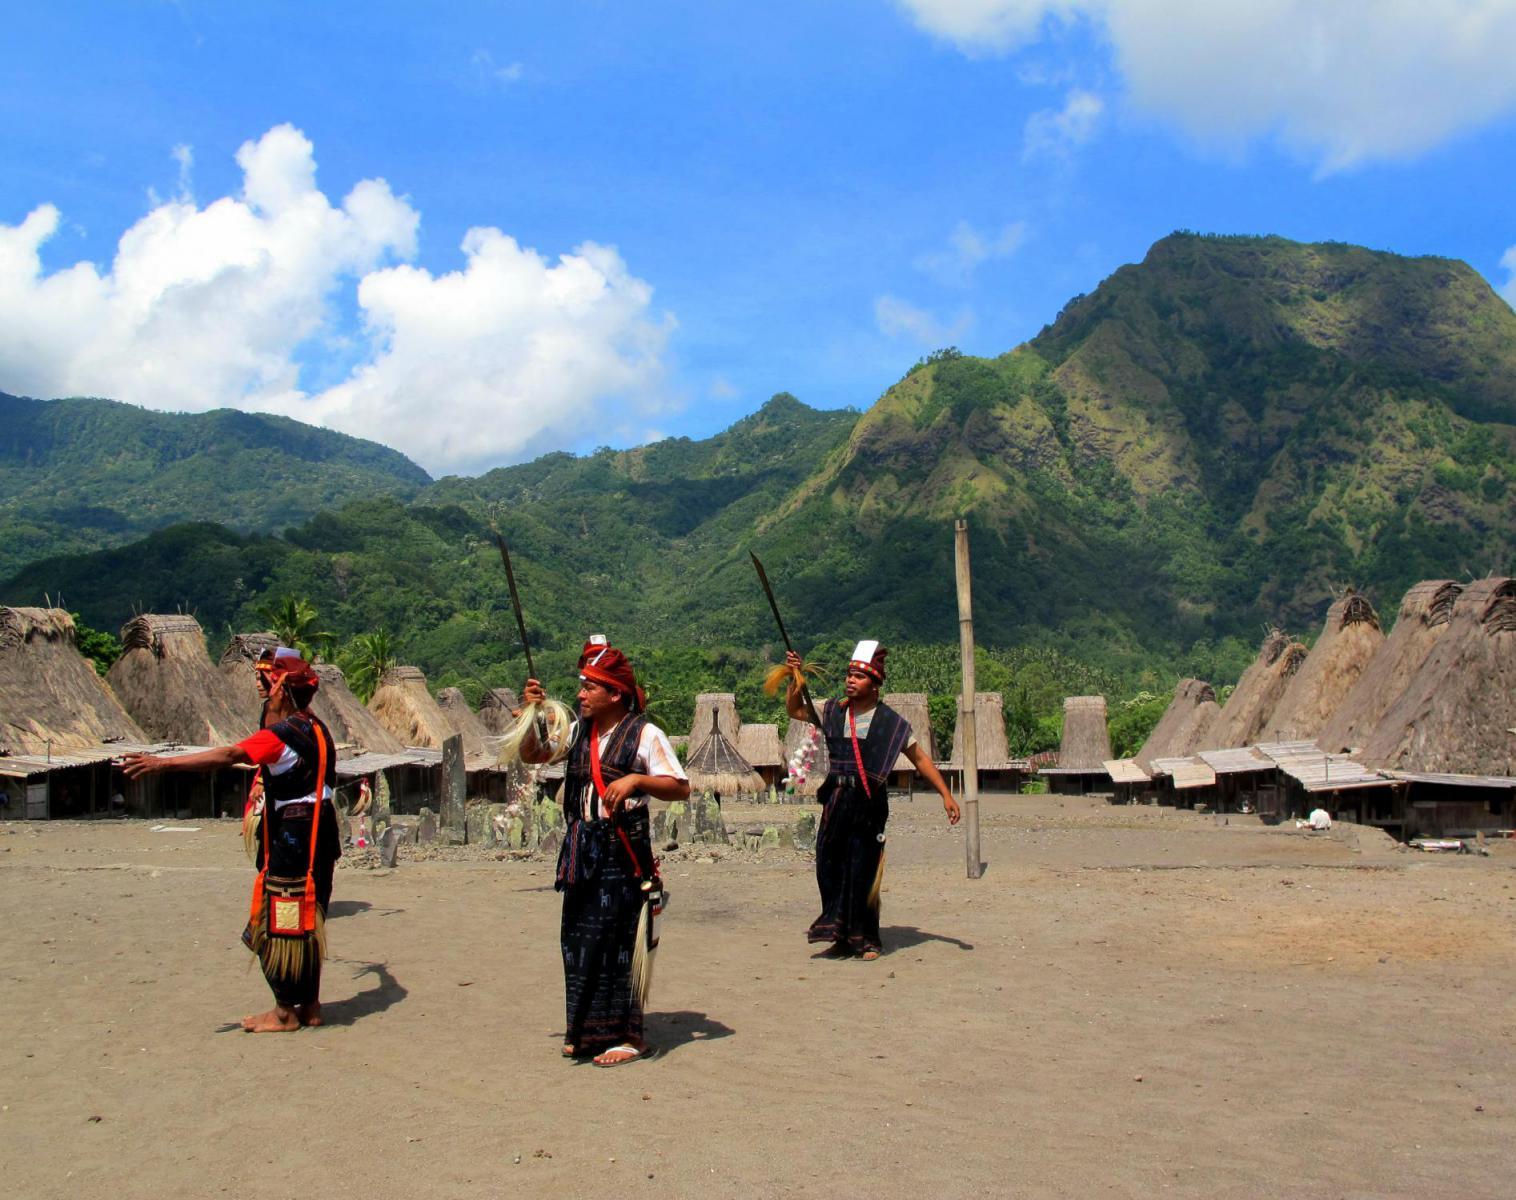 Indonésie  Flores et croisière sur l'archipel de Komodo.   Trek & Randonnée Navigation Apnée & Plongée  Balade nature Rencontres et cultures du Monde